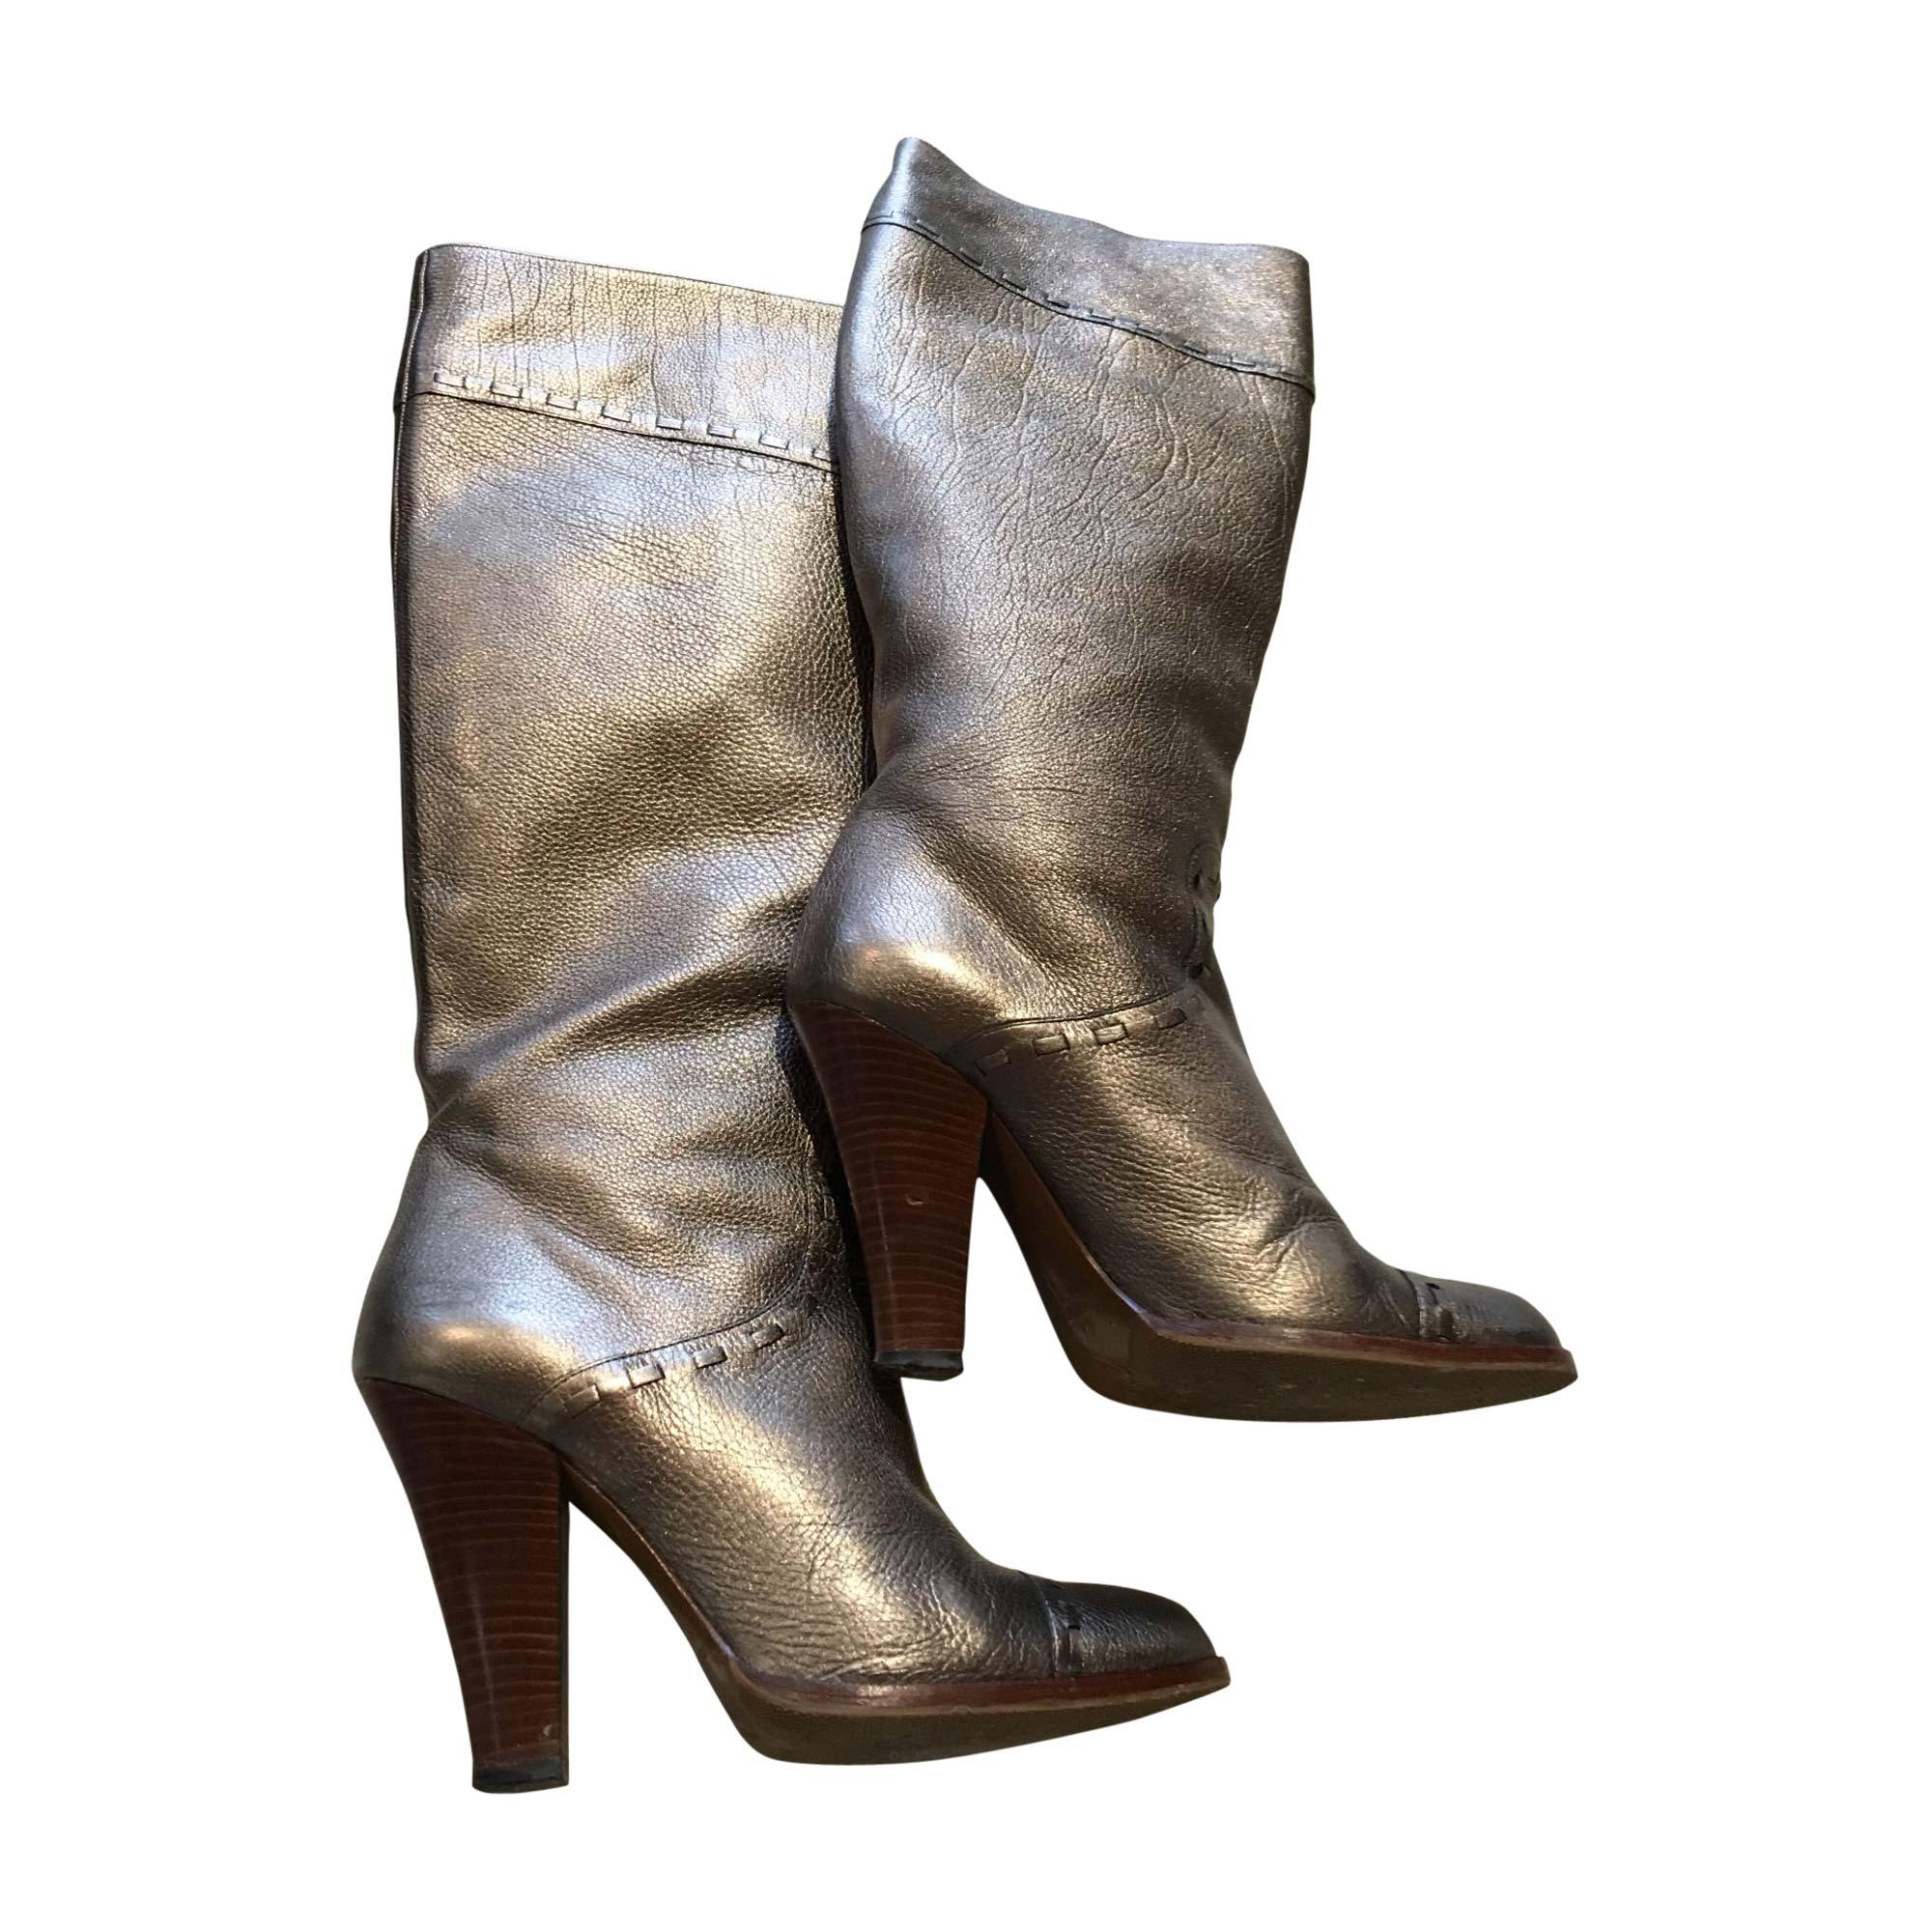 Bottes à talons MARC JACOBS Doré, bronze, cuivre